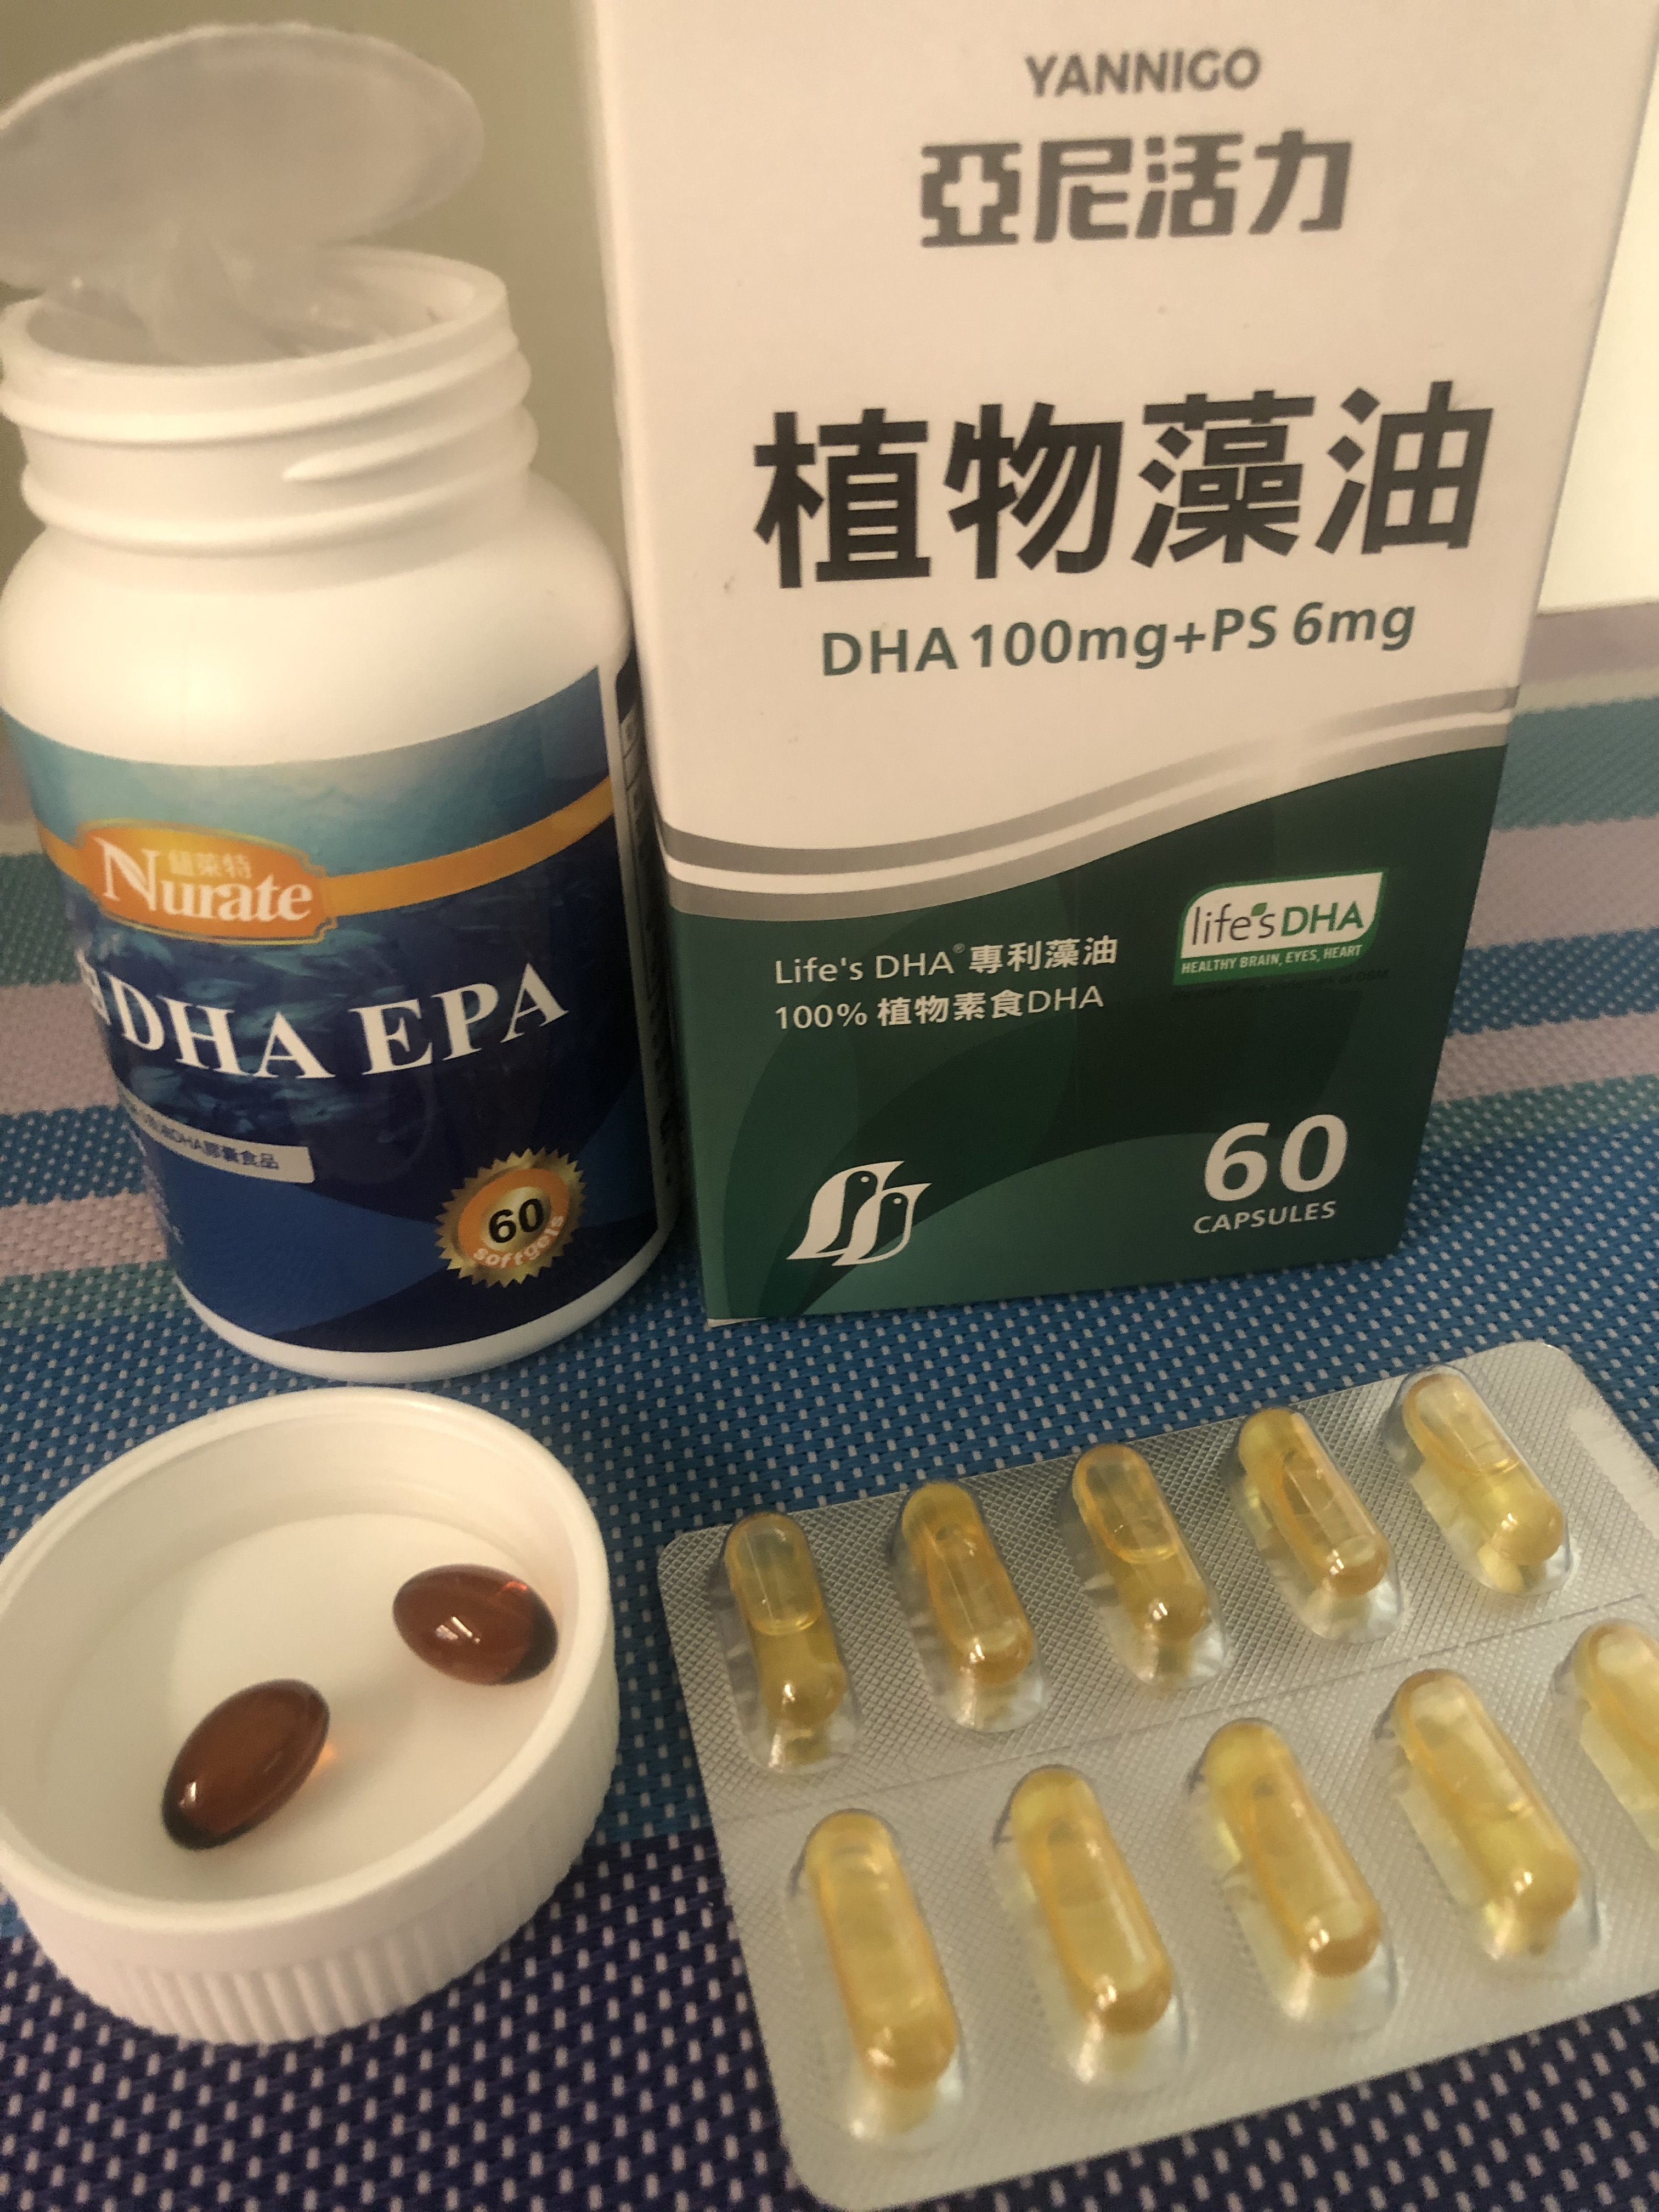 孕期哺乳期間優質DHA之攝取–紐萊特DHA藻油 – 夢夢媽的懷孕雜七雜八